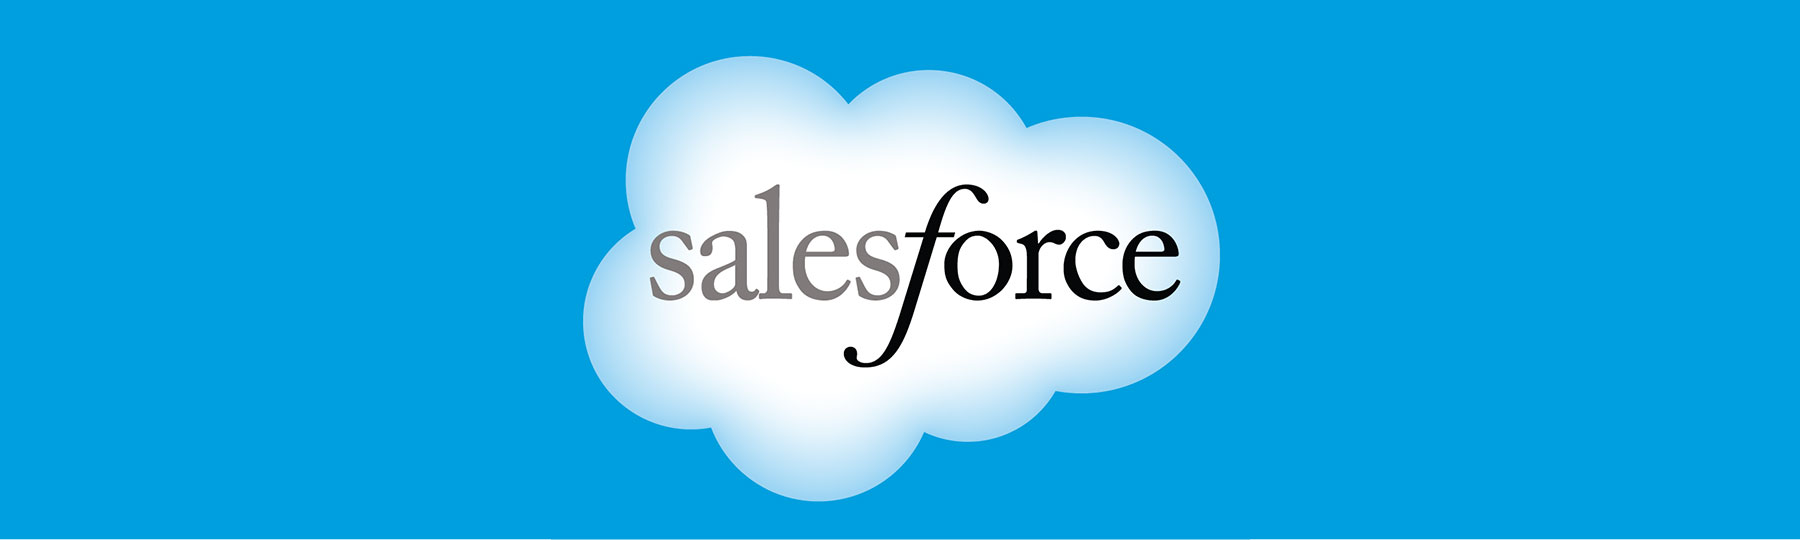 salesforce_view